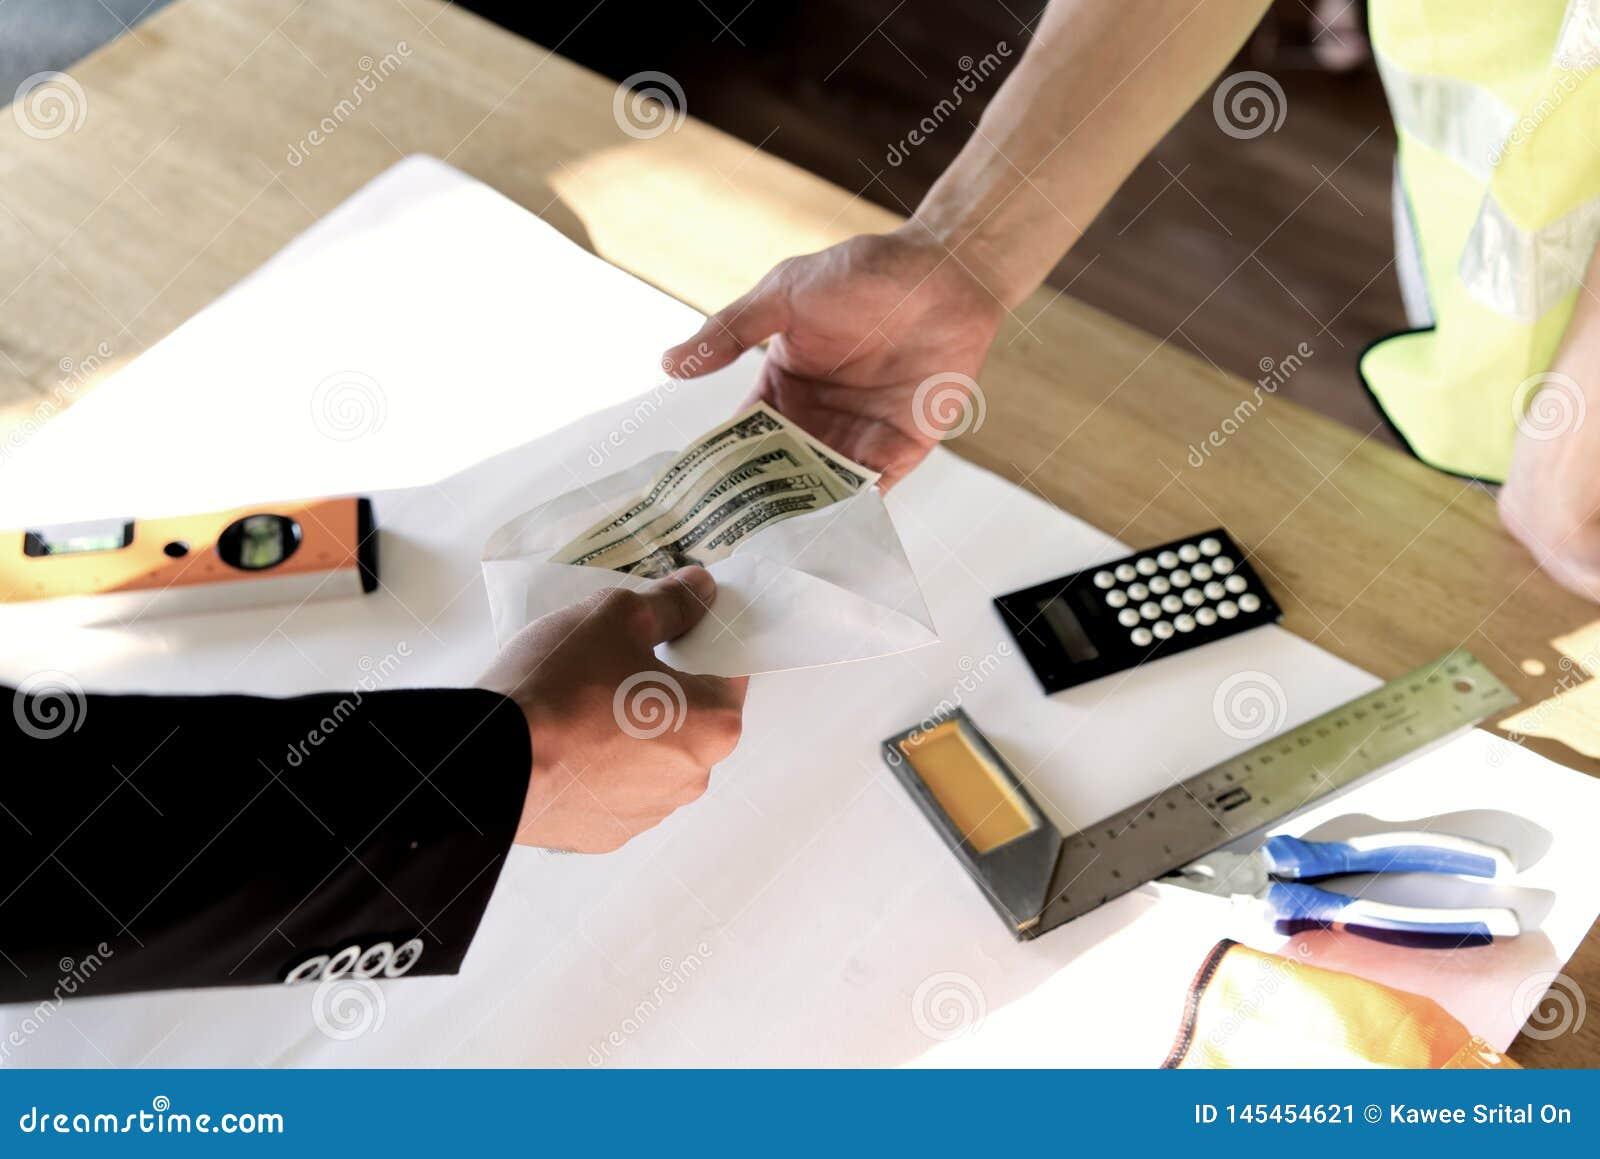 所有者或上司手顶视图捐钱的给雇员或雇用的人他的薪水或薪金的在桌 付款在纸